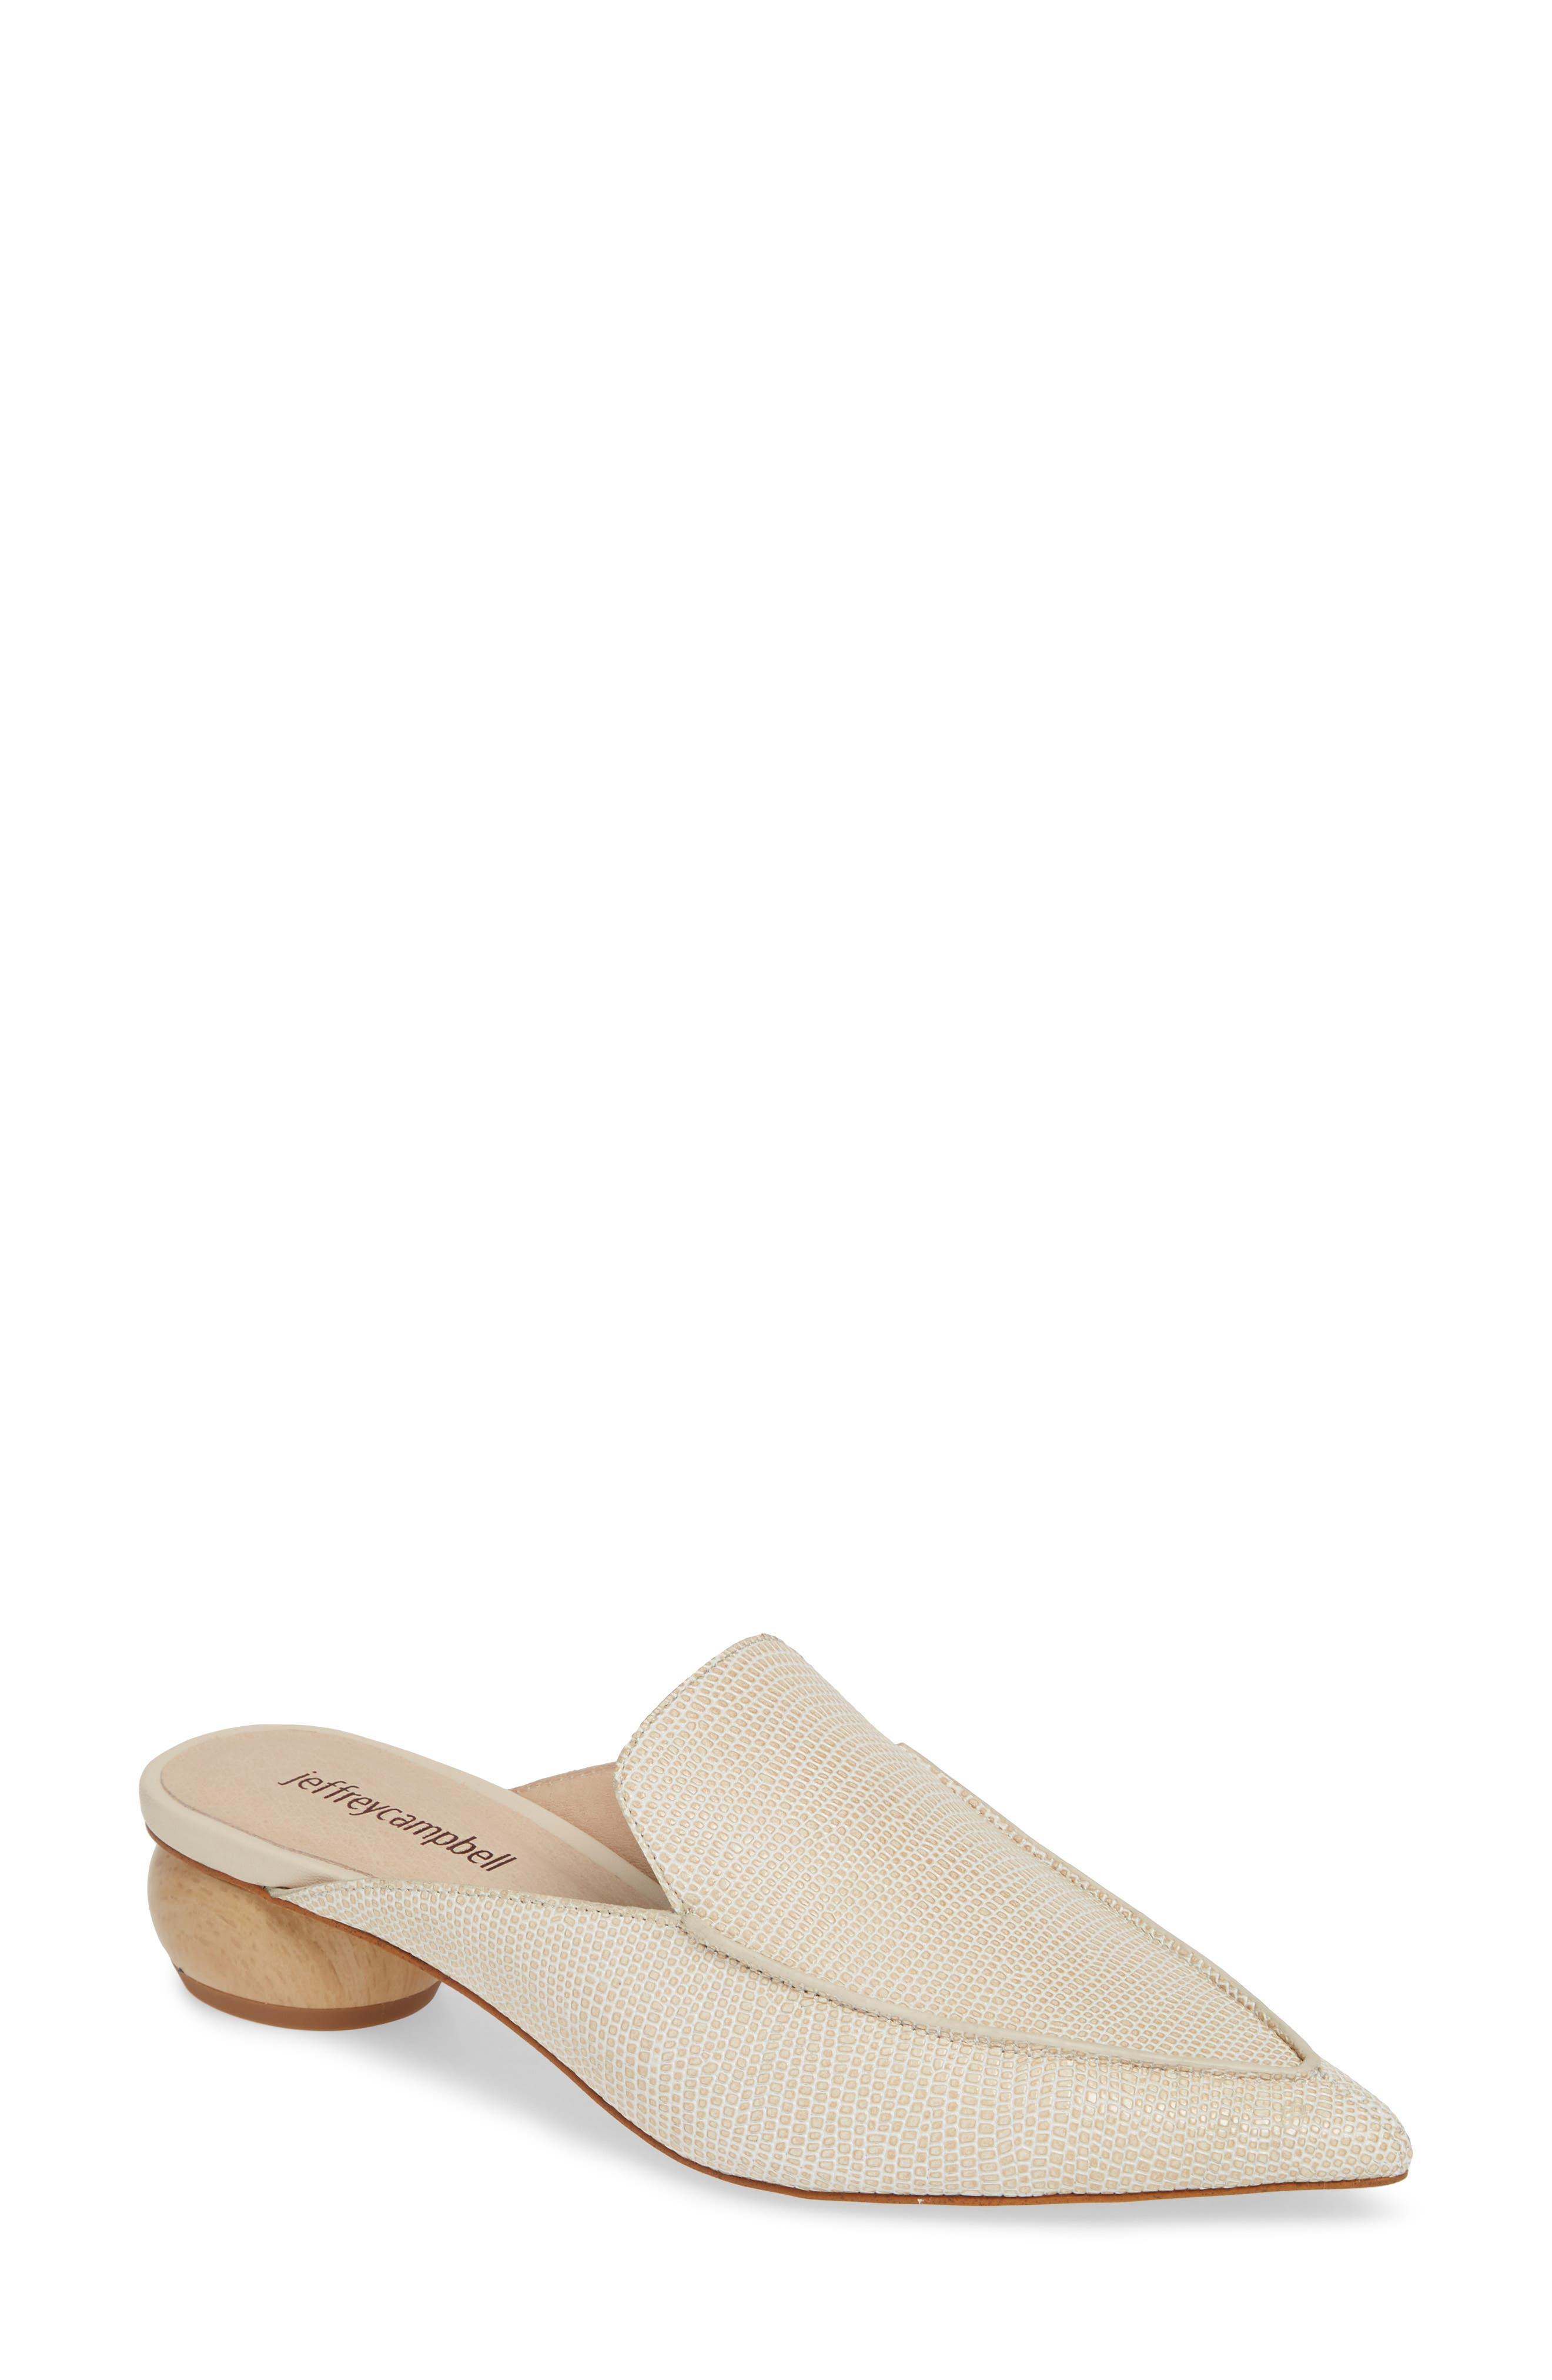 3205ec1953f Jeffrey Campbell - Women s Mules Shoes